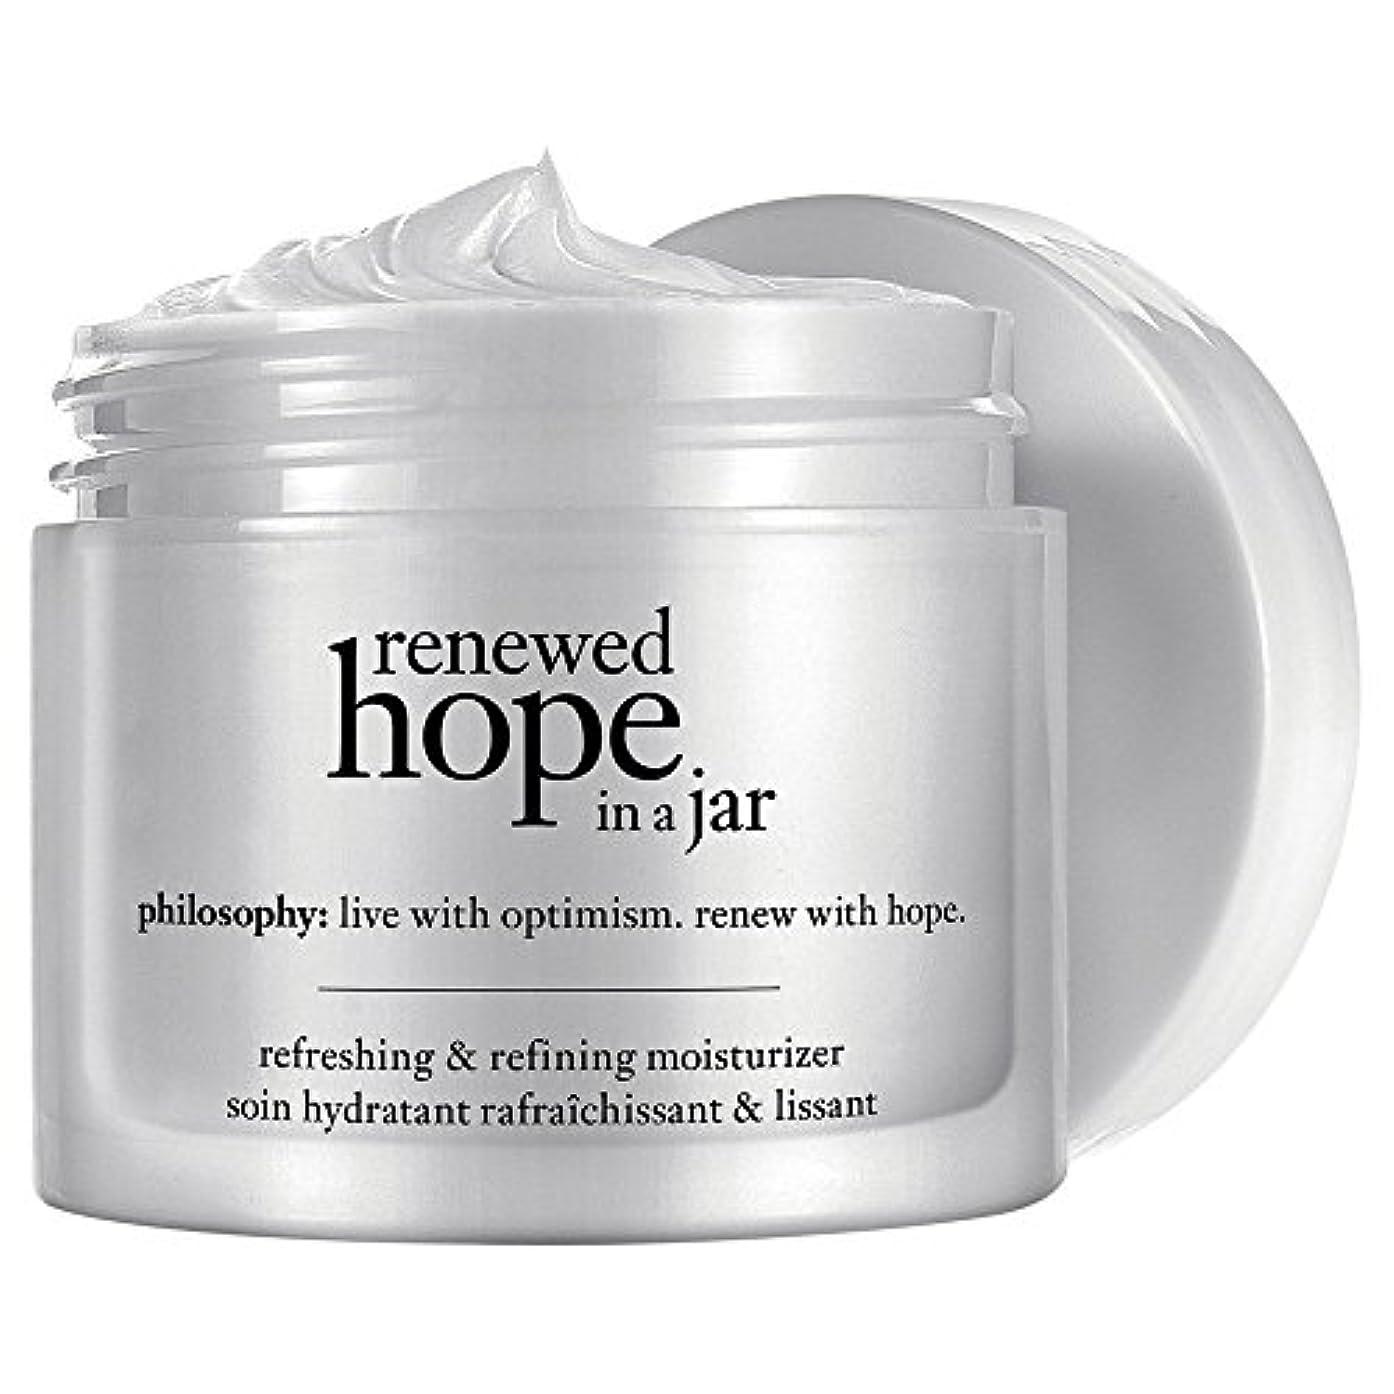 ディーラー敬意不定瓶内の哲学新たな希望を、60ミリリットル (Philosophy) - Philosophy Renewed Hope In a Jar, 60ml [並行輸入品]